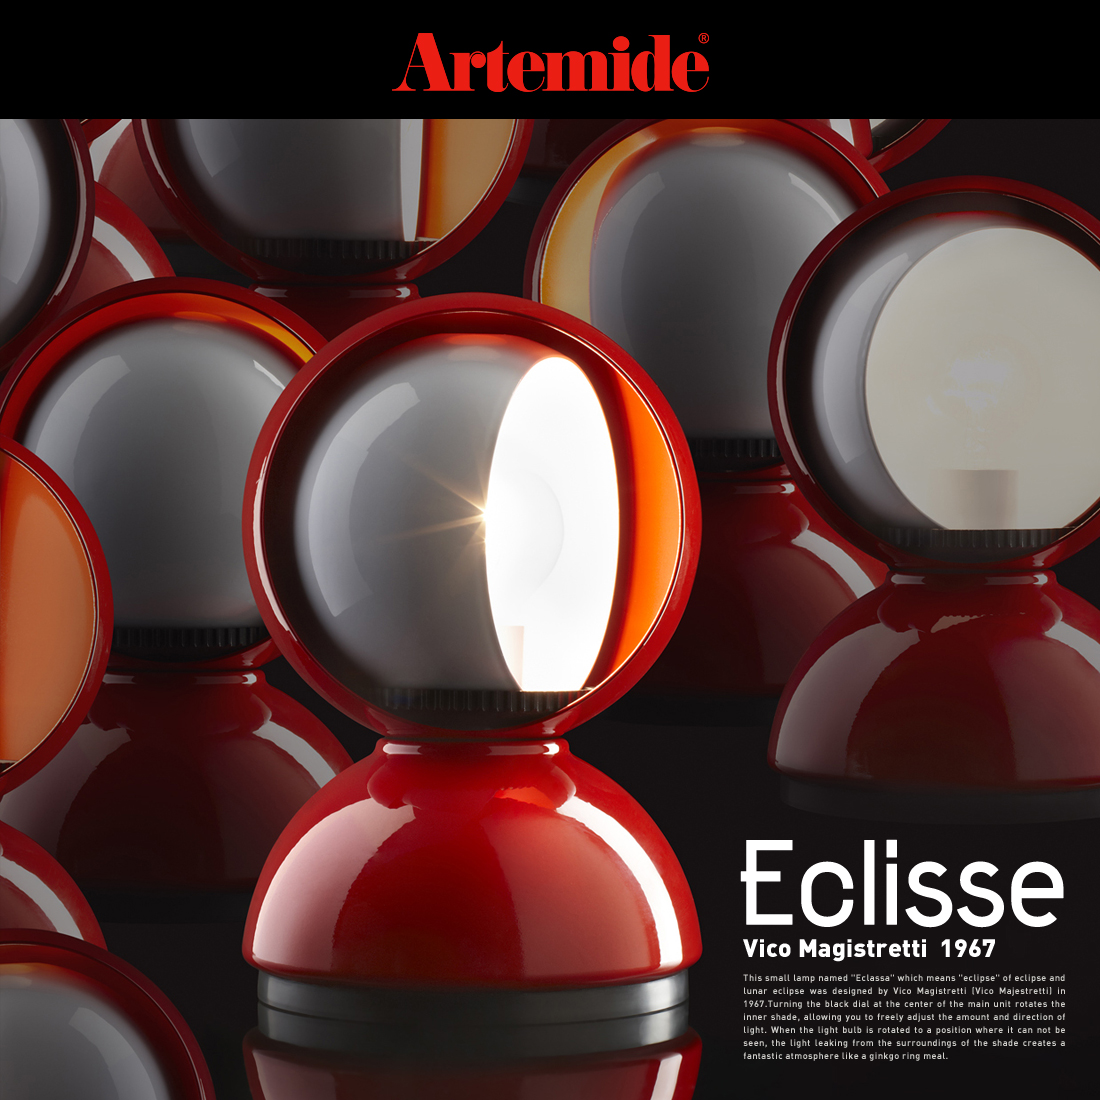 【Artemide アルテミデ】ECLISSE エクリッセ テーブルランプ ライト 照明 リビング キッチン ダイニング スタンドライト 卓上